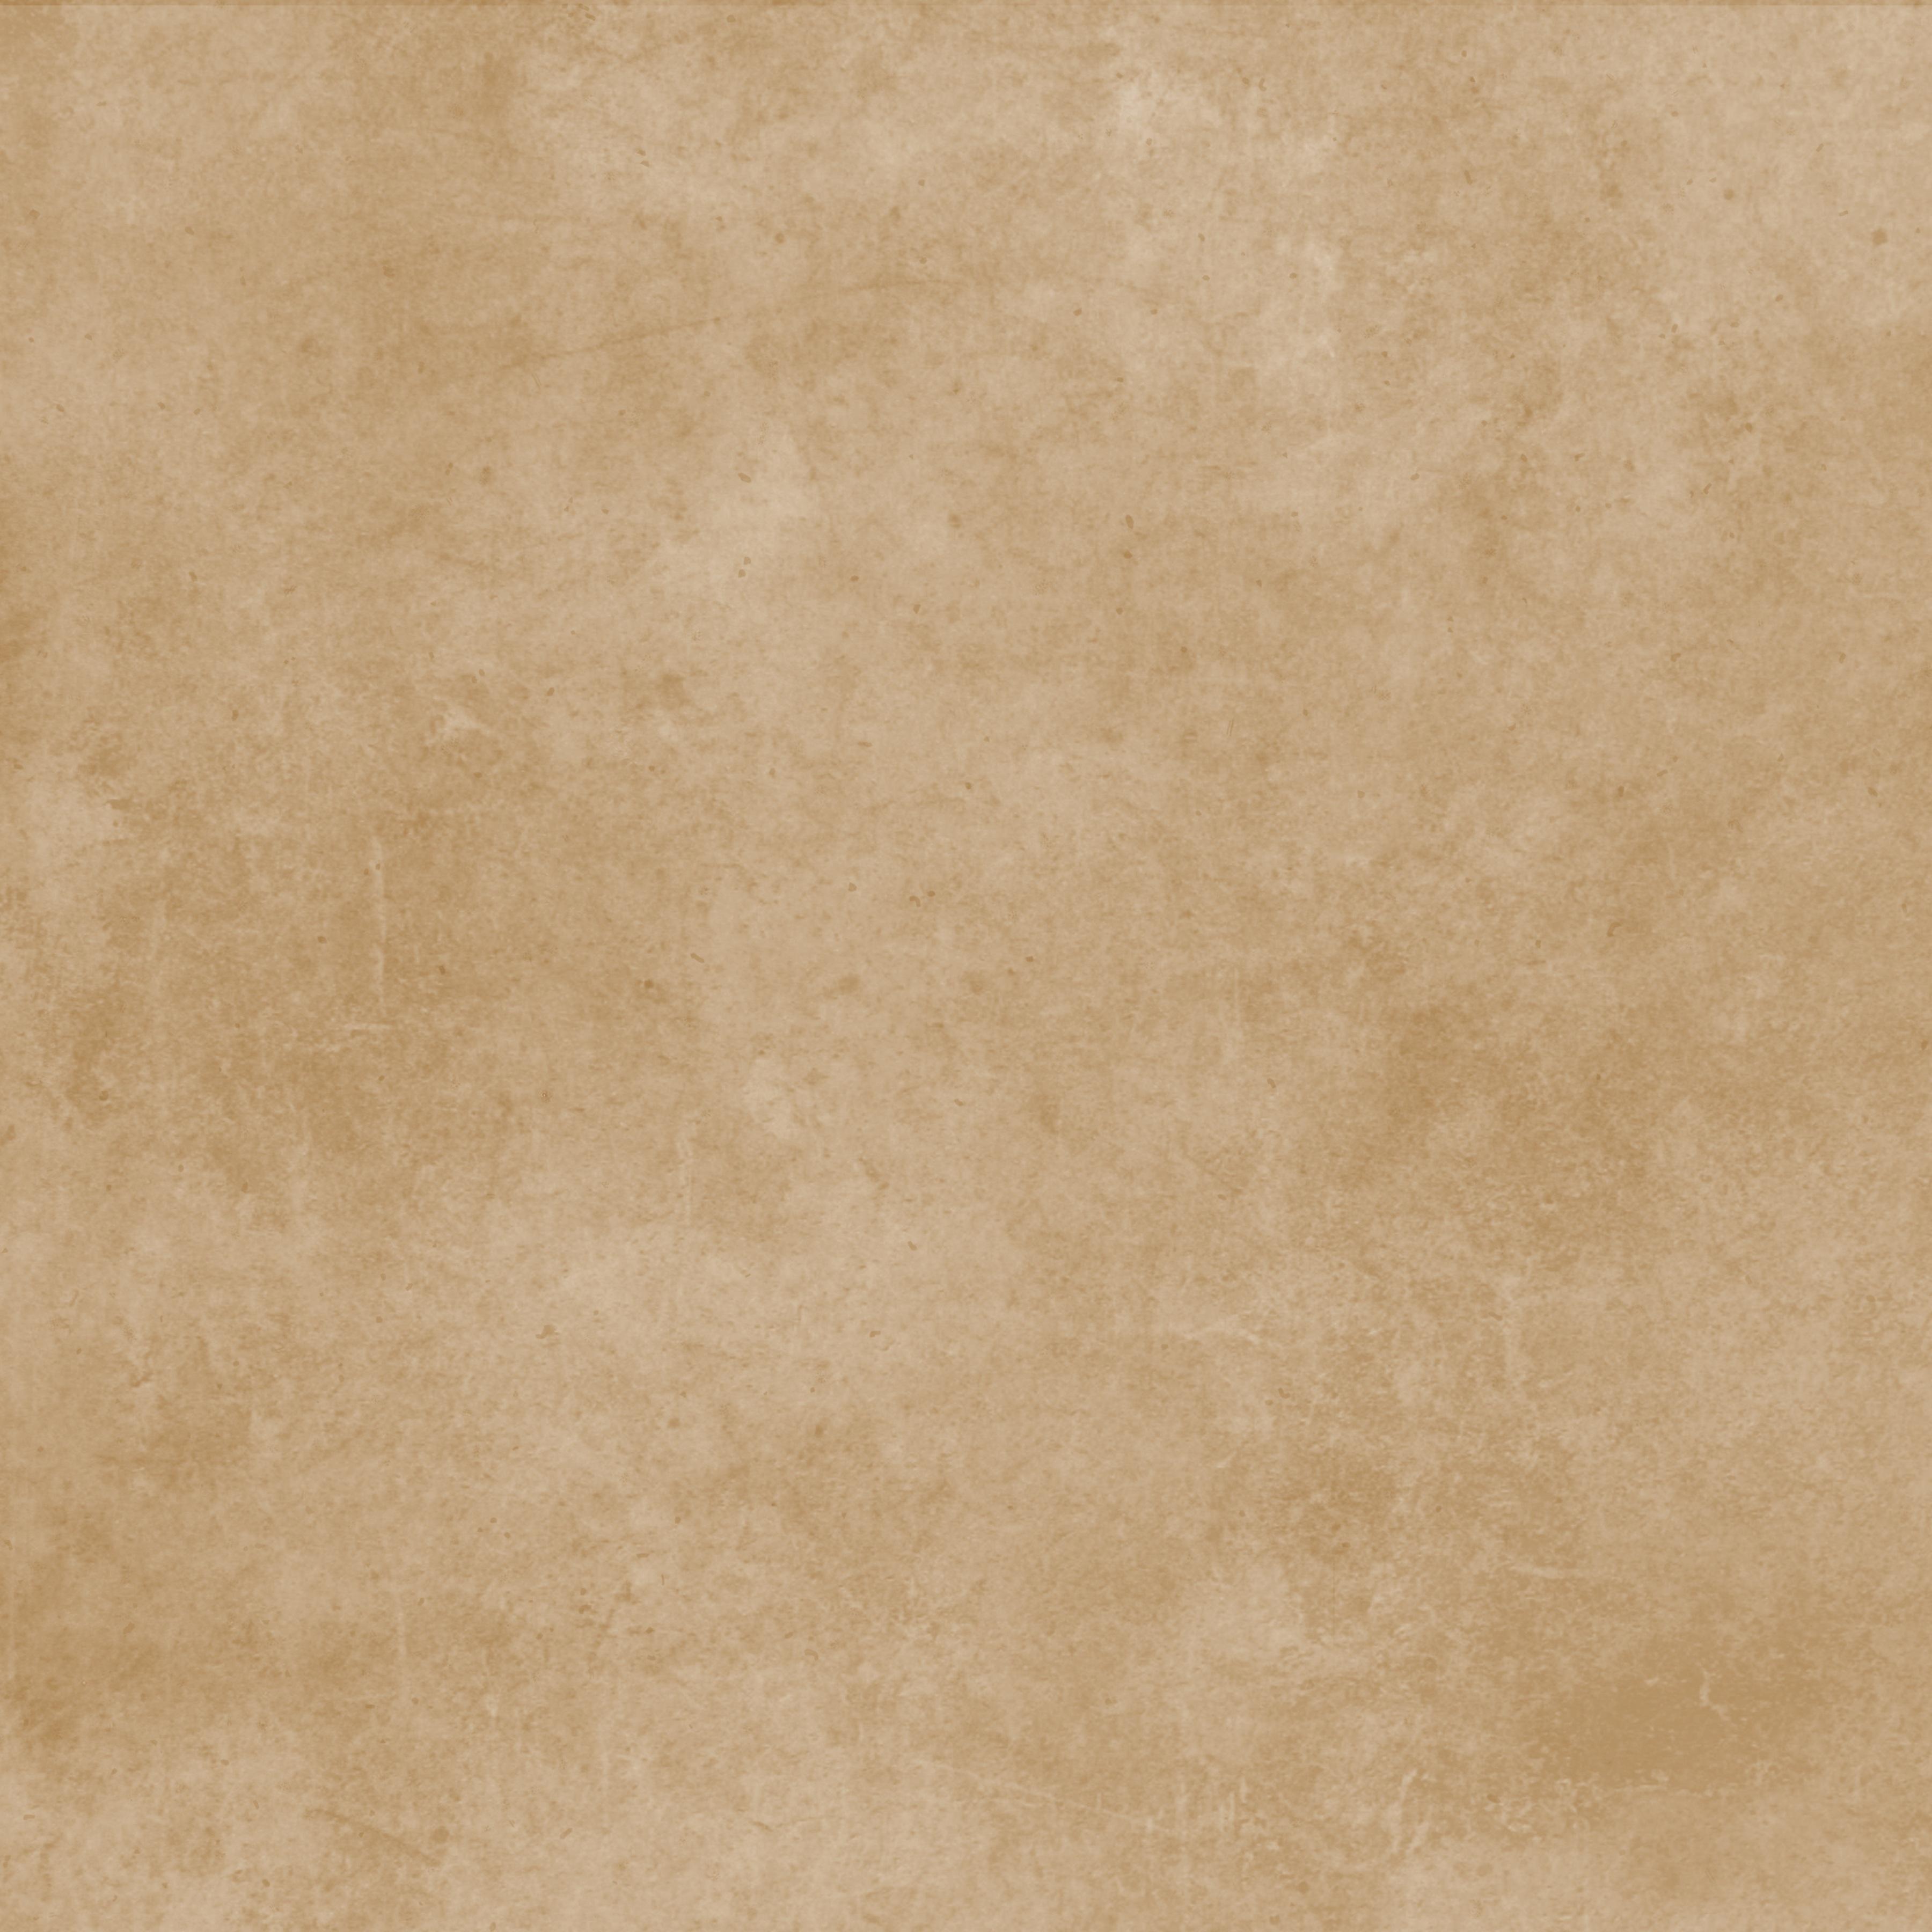 무료 이미지 : 목재, 조직, 갈색, 타일, 그런지, 페이지, 자료 ...